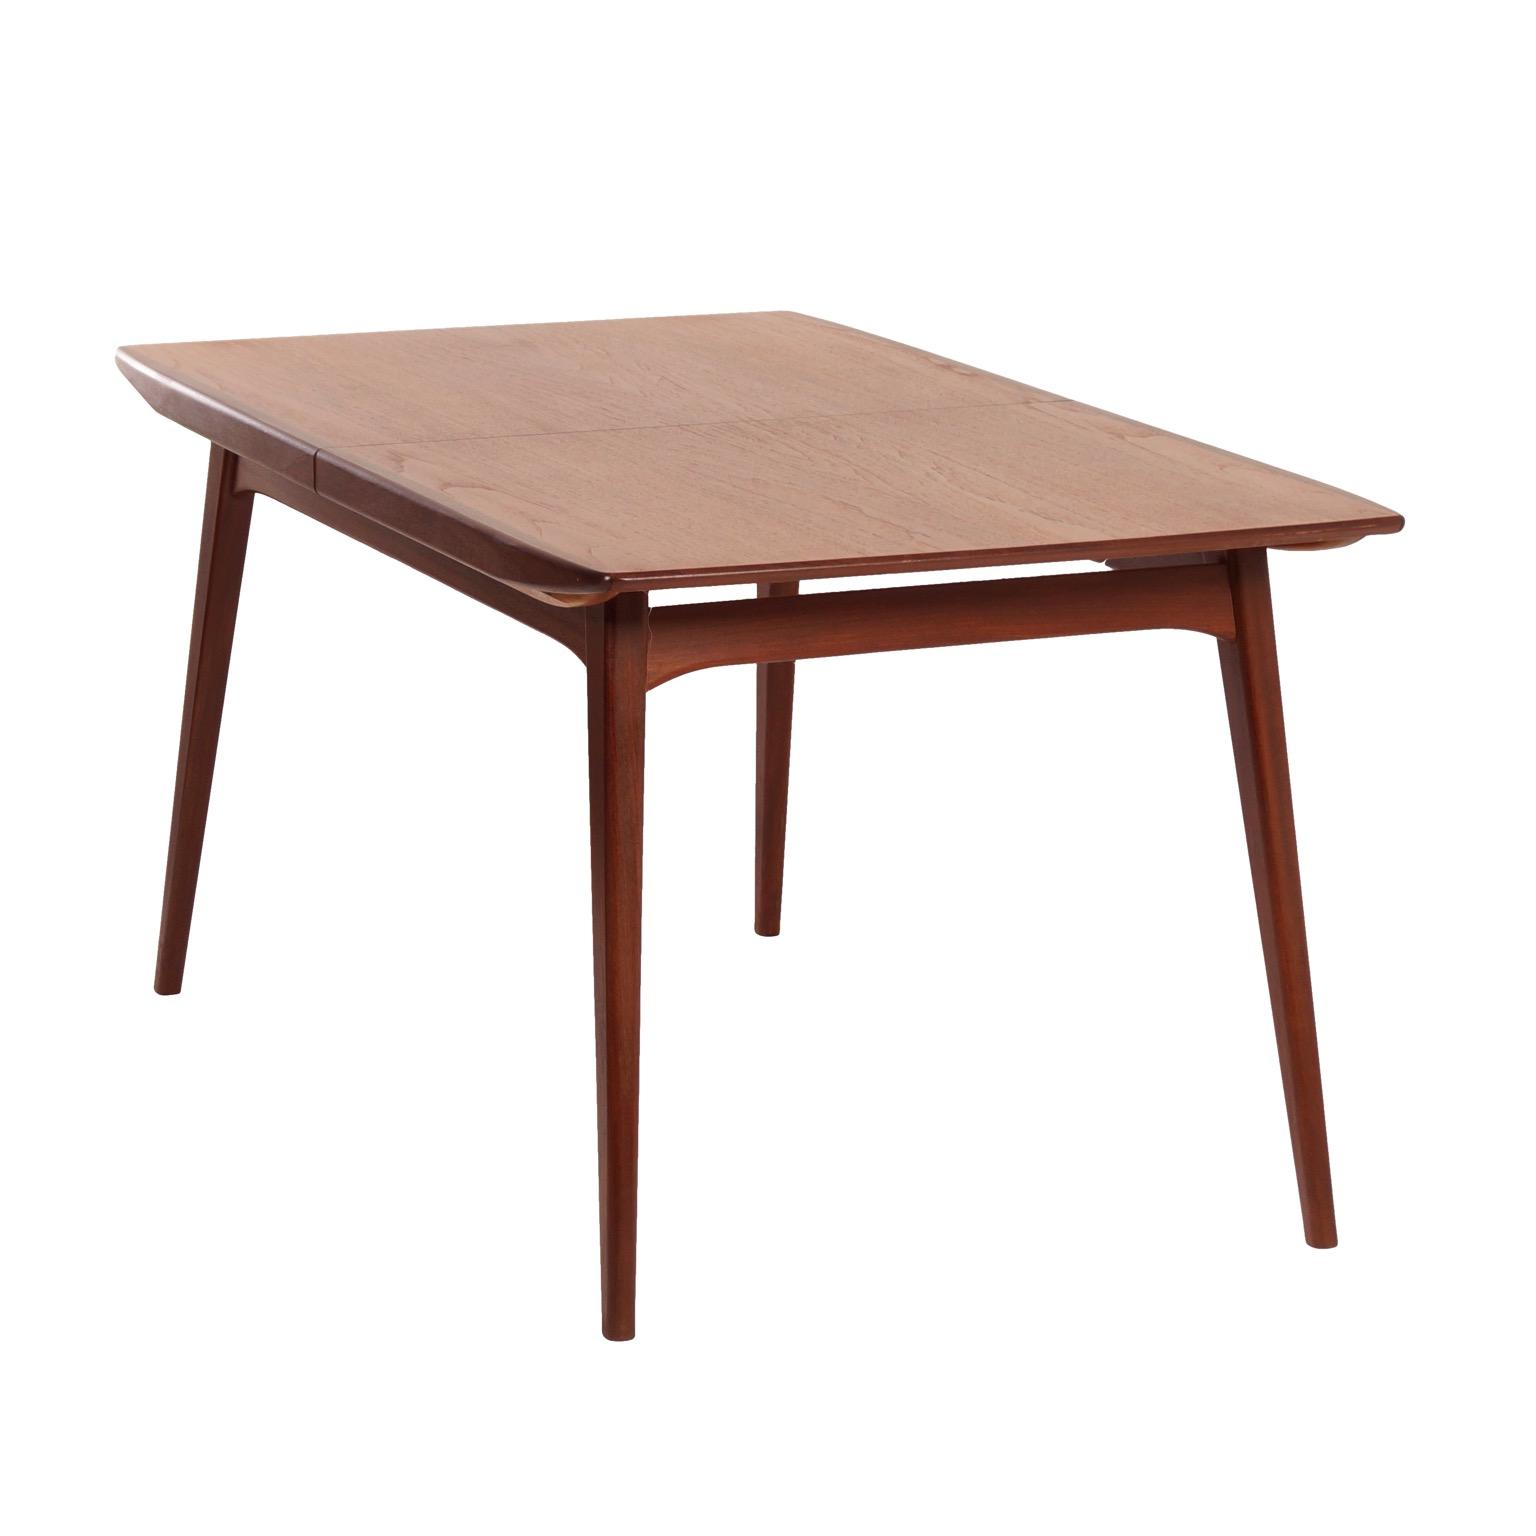 Teakhouten Tafel Met 8 Stoelen.Teakhouten Eettafel Van Louis Van Teeffelen Voor Webe 1960s